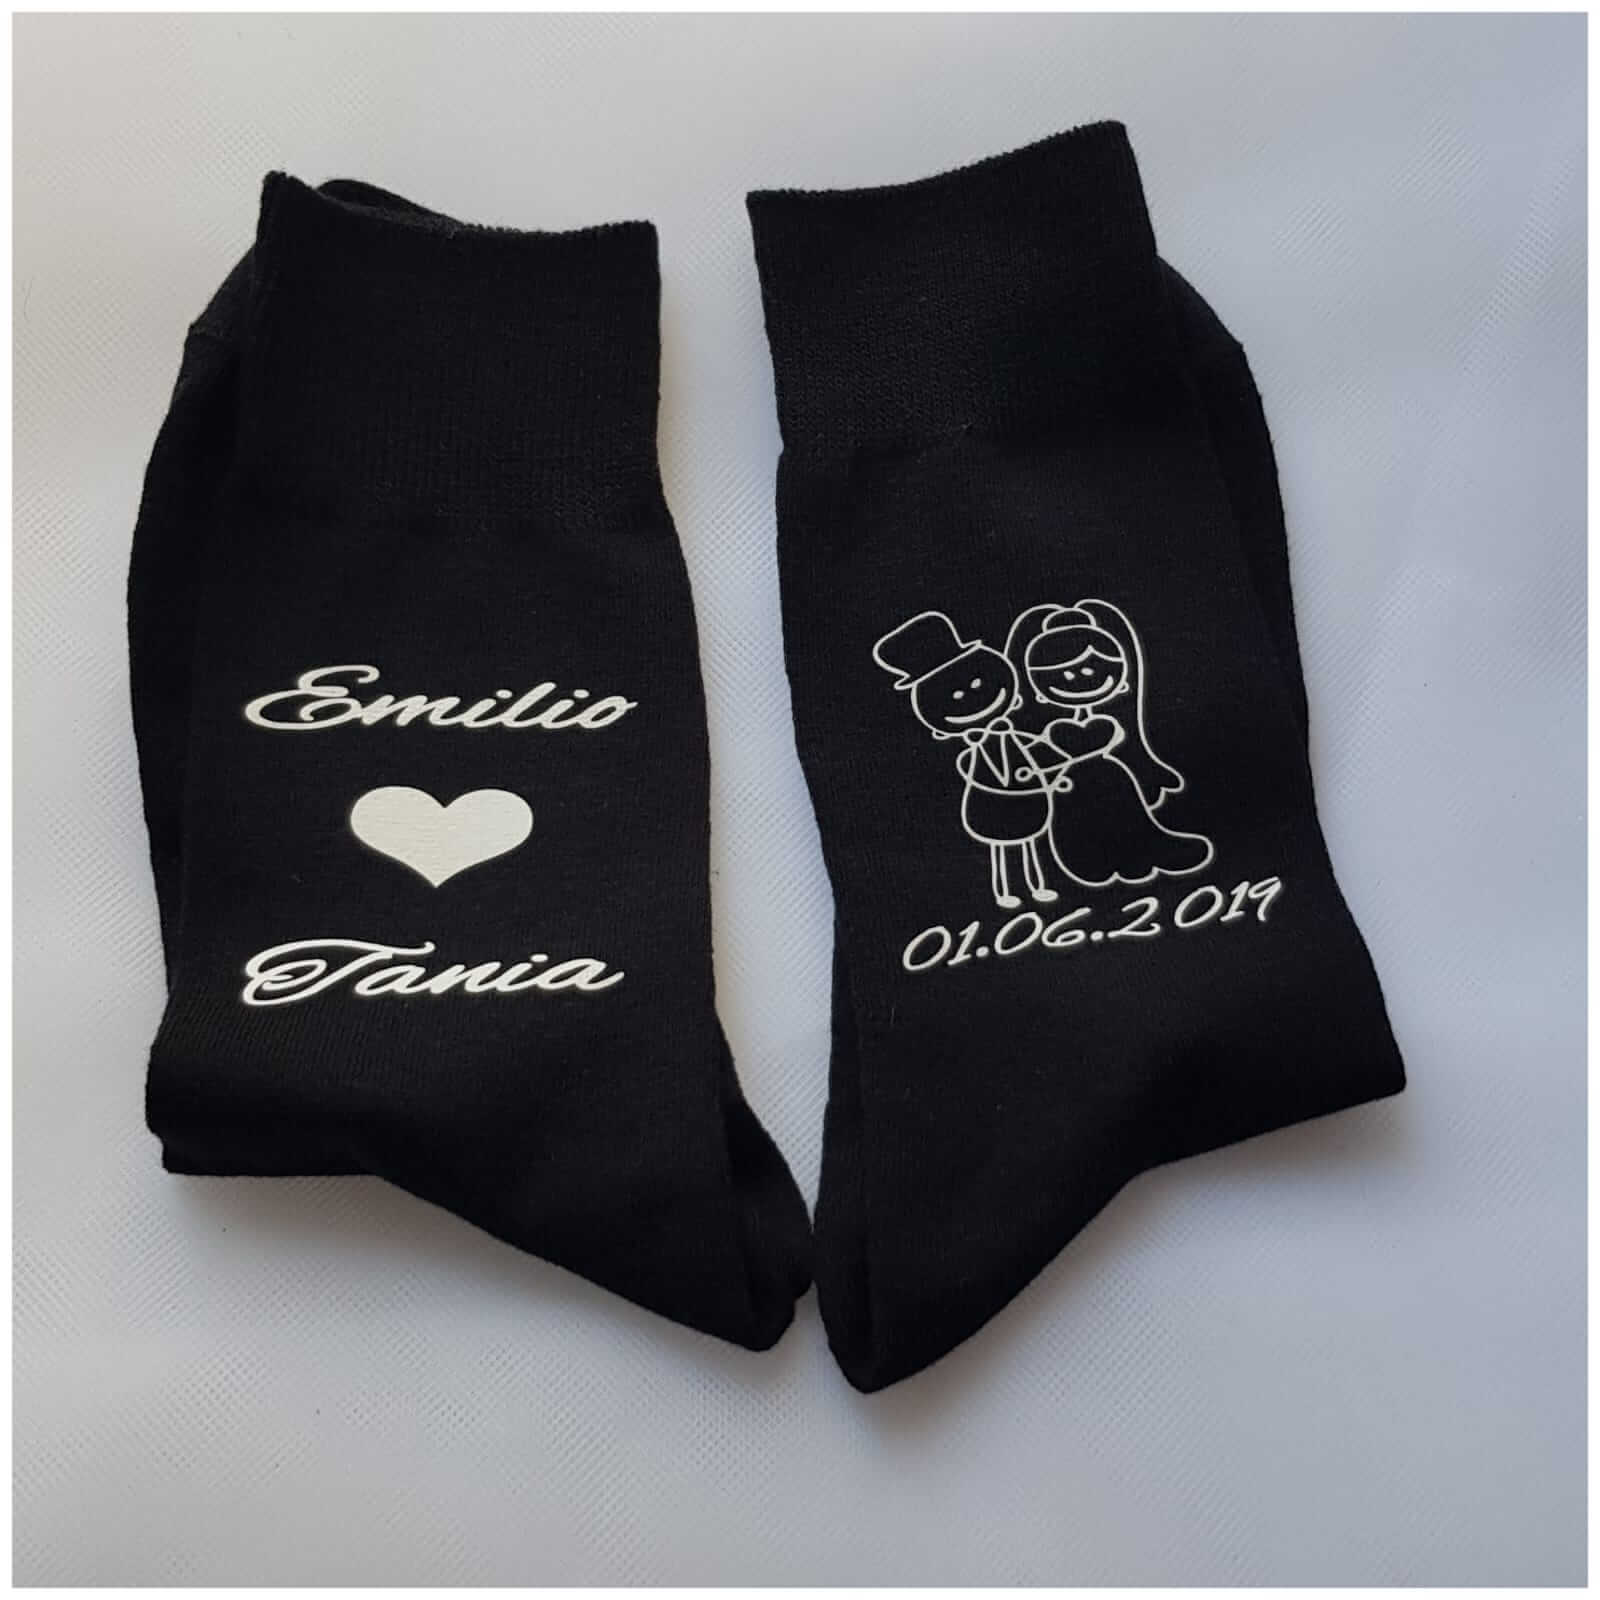 calcetines originales regalos personalizados porlanovia